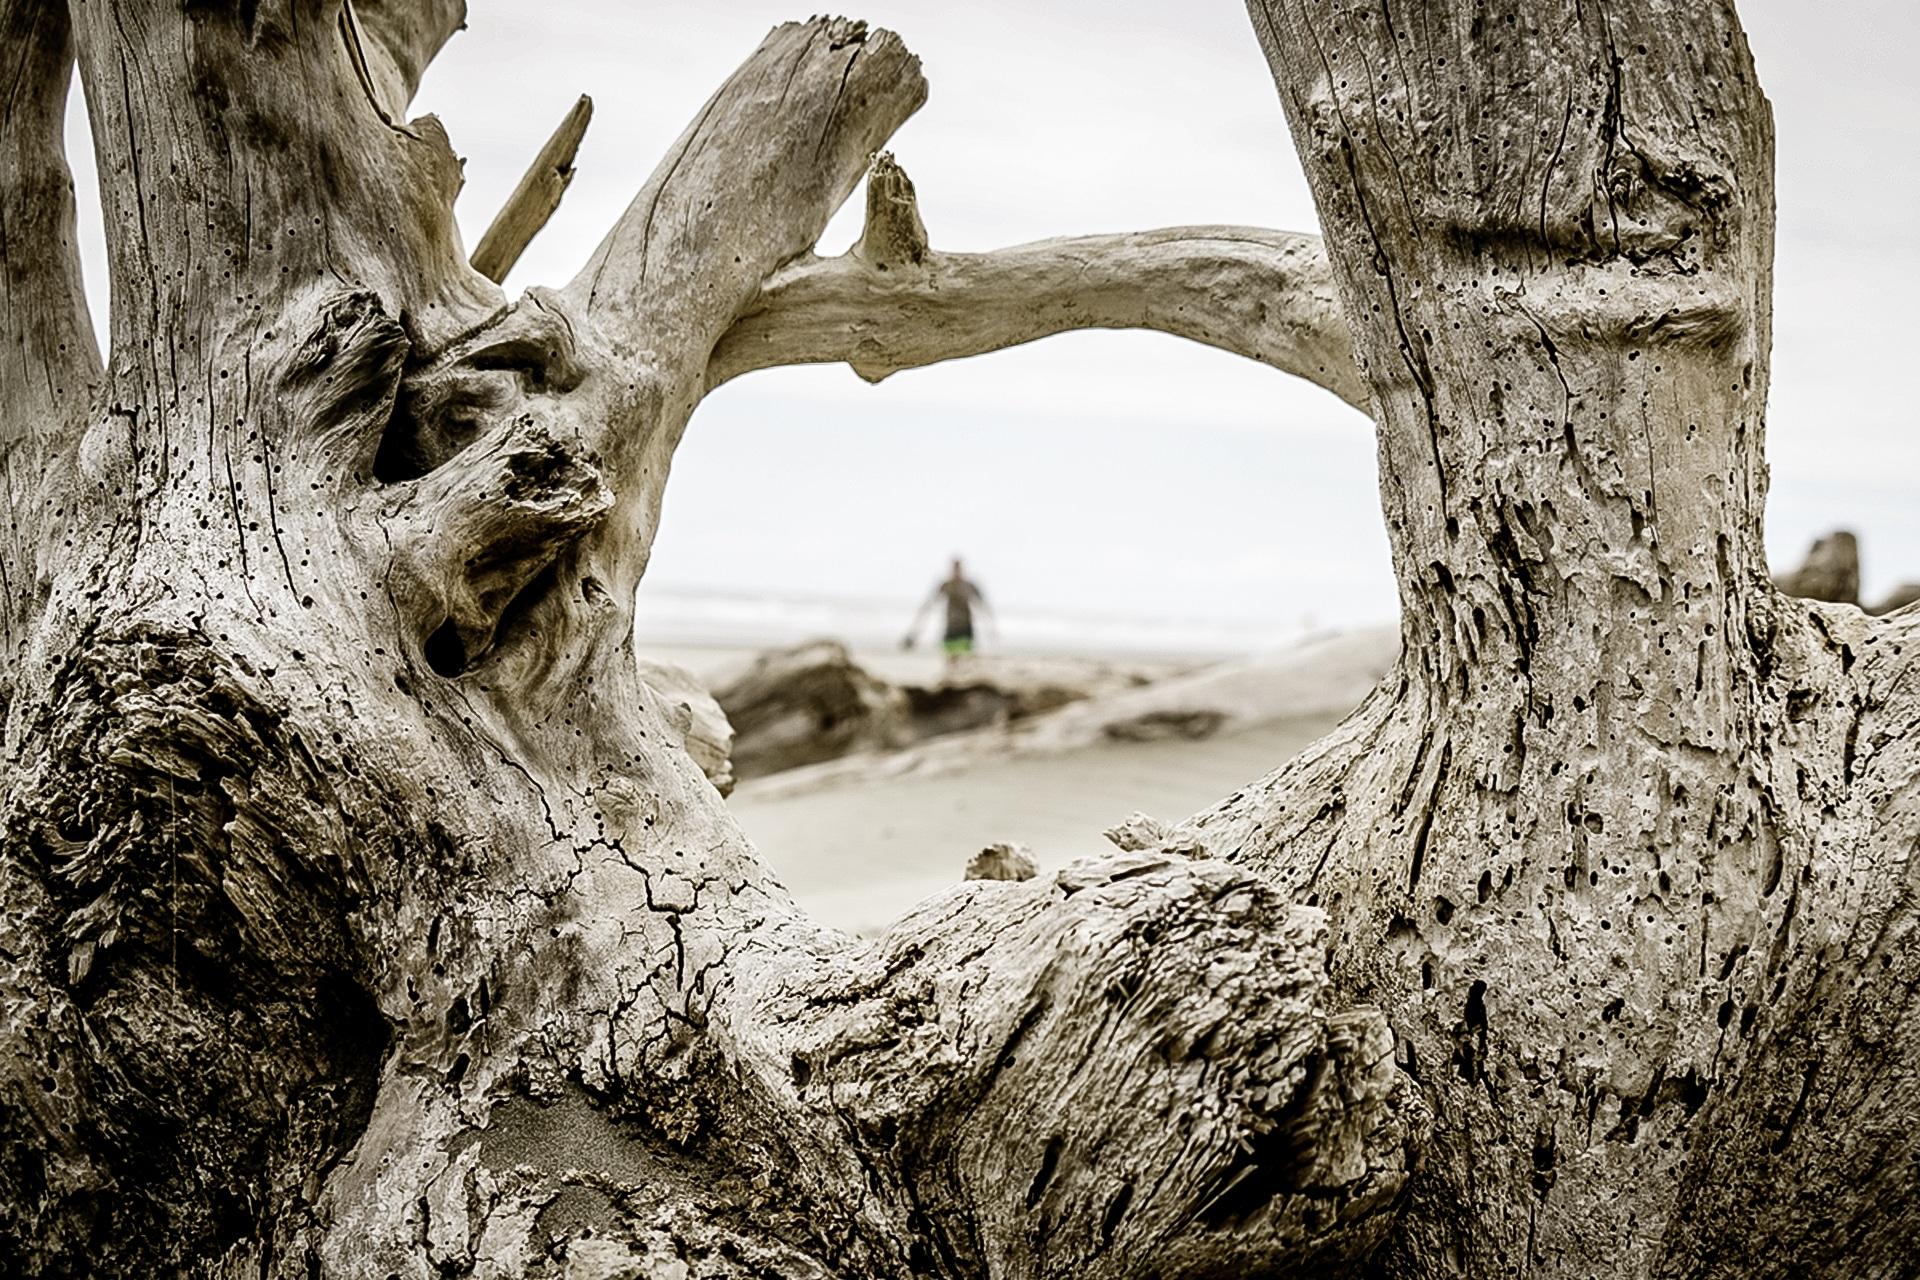 Fotografie - Treibholz am Strand von Neuseeland